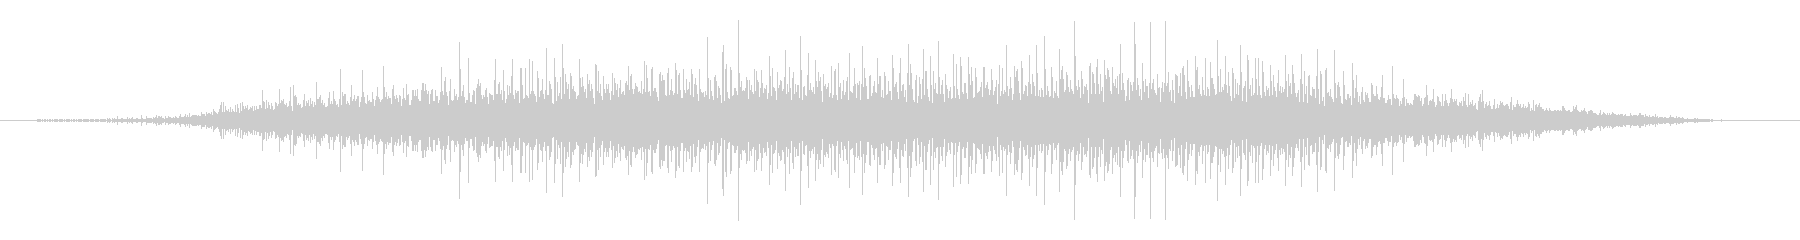 機械 ジグソーエンジンスローロング01の未再生の波形